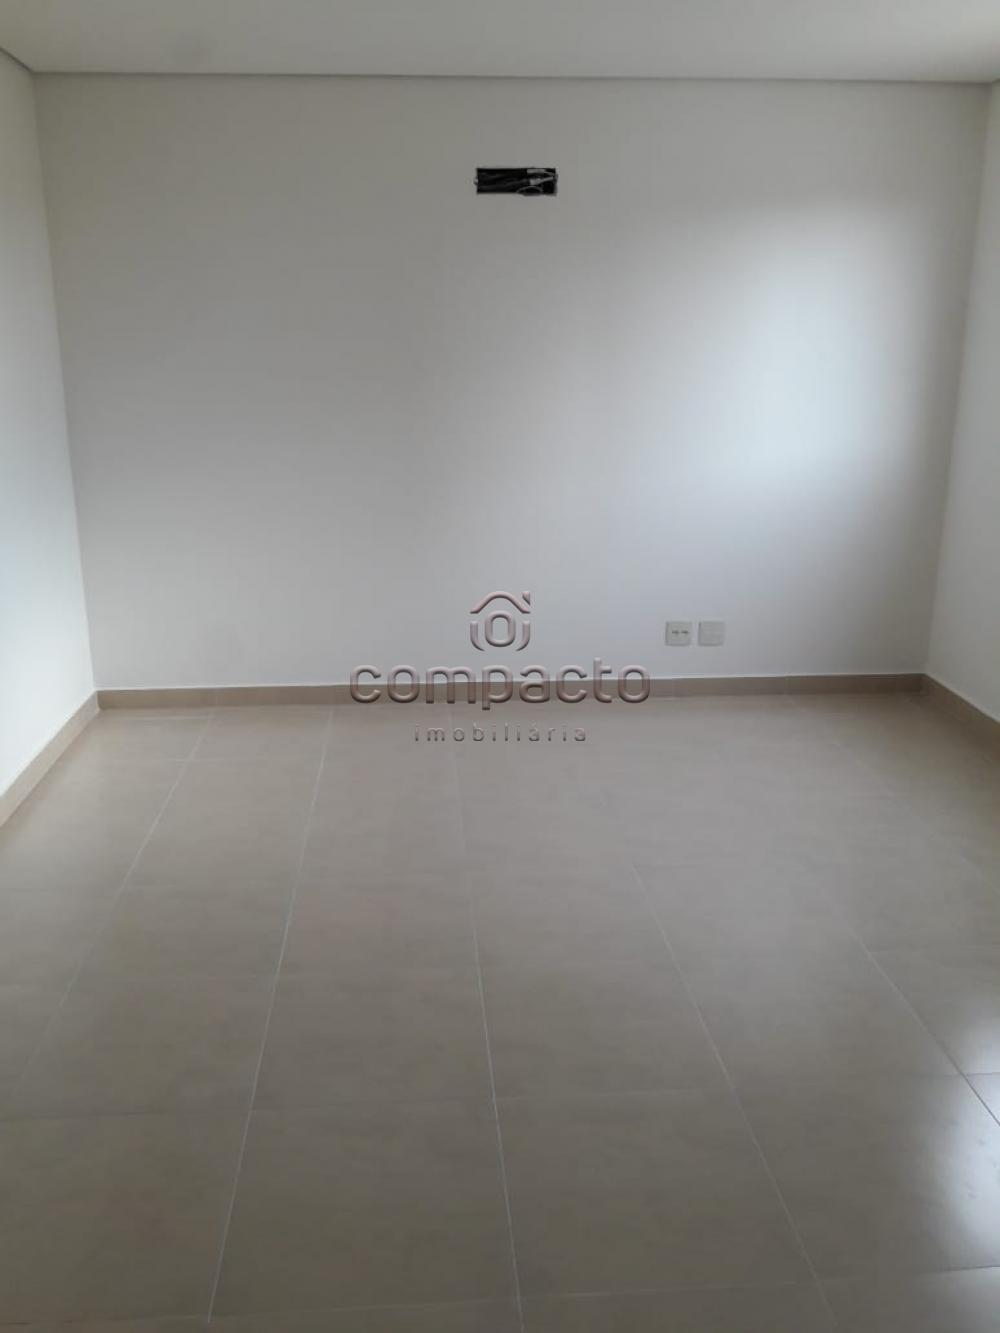 Alugar Comercial / Sala/Loja Condomínio em São José do Rio Preto apenas R$ 690,00 - Foto 4